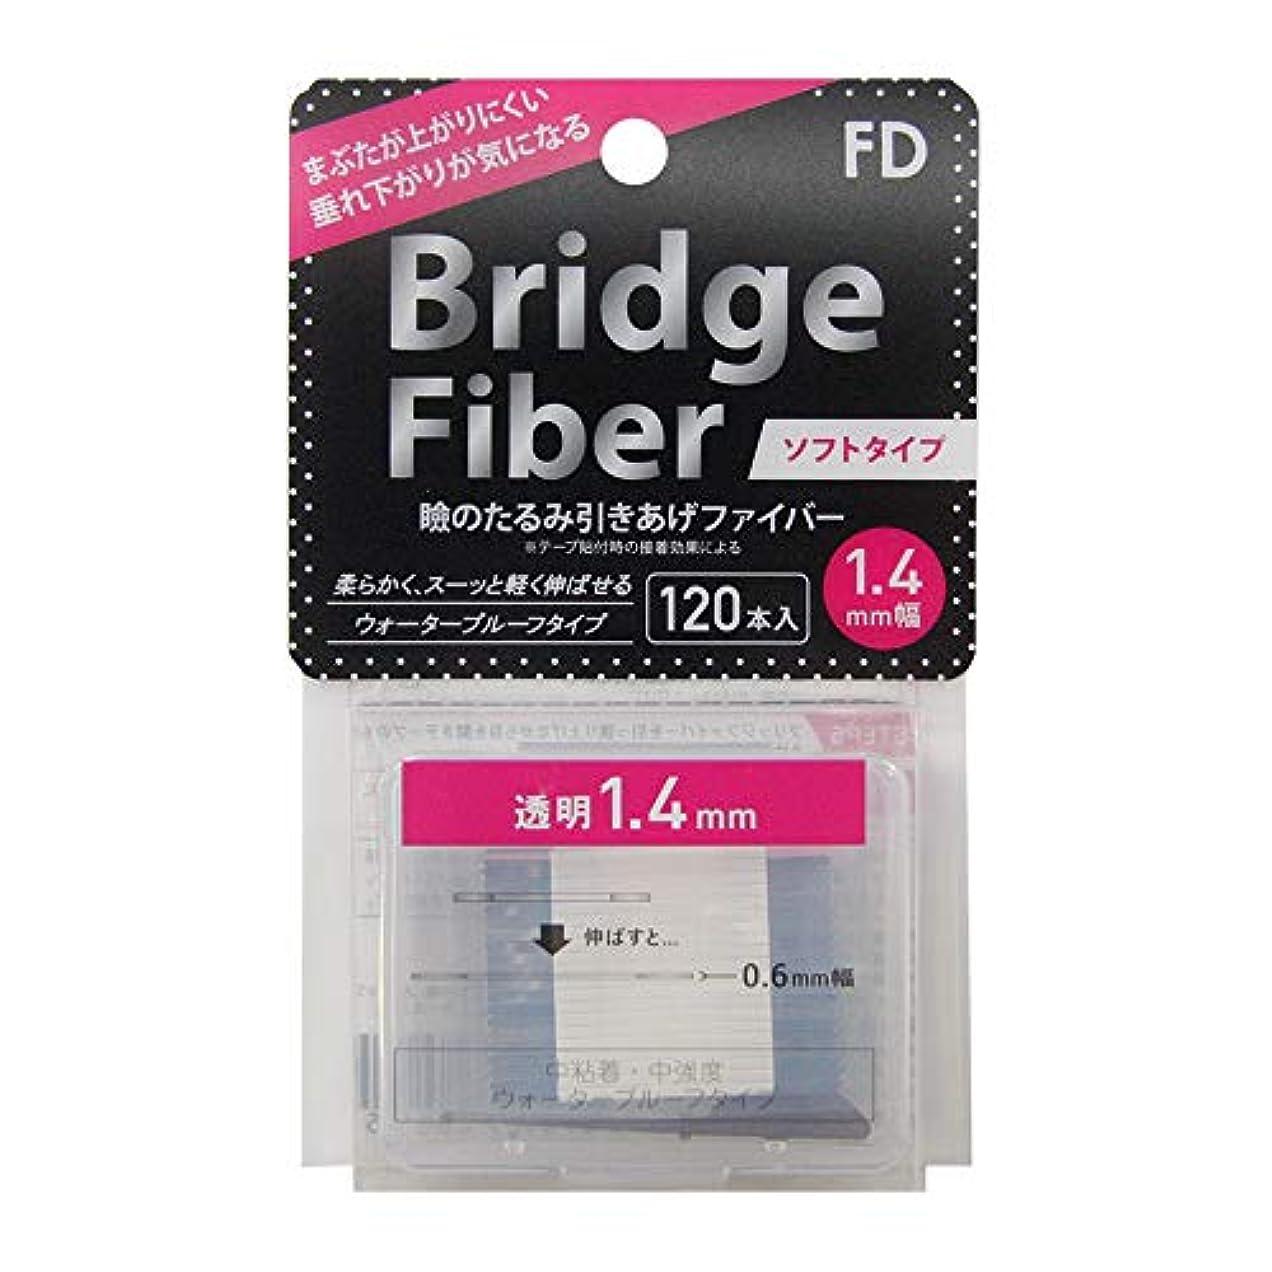 大宇宙ラジカル虫FD ブリッジソフトファイバー 眼瞼下垂防止テープ ソフトタイプ 透明1.4mm幅 120本入り